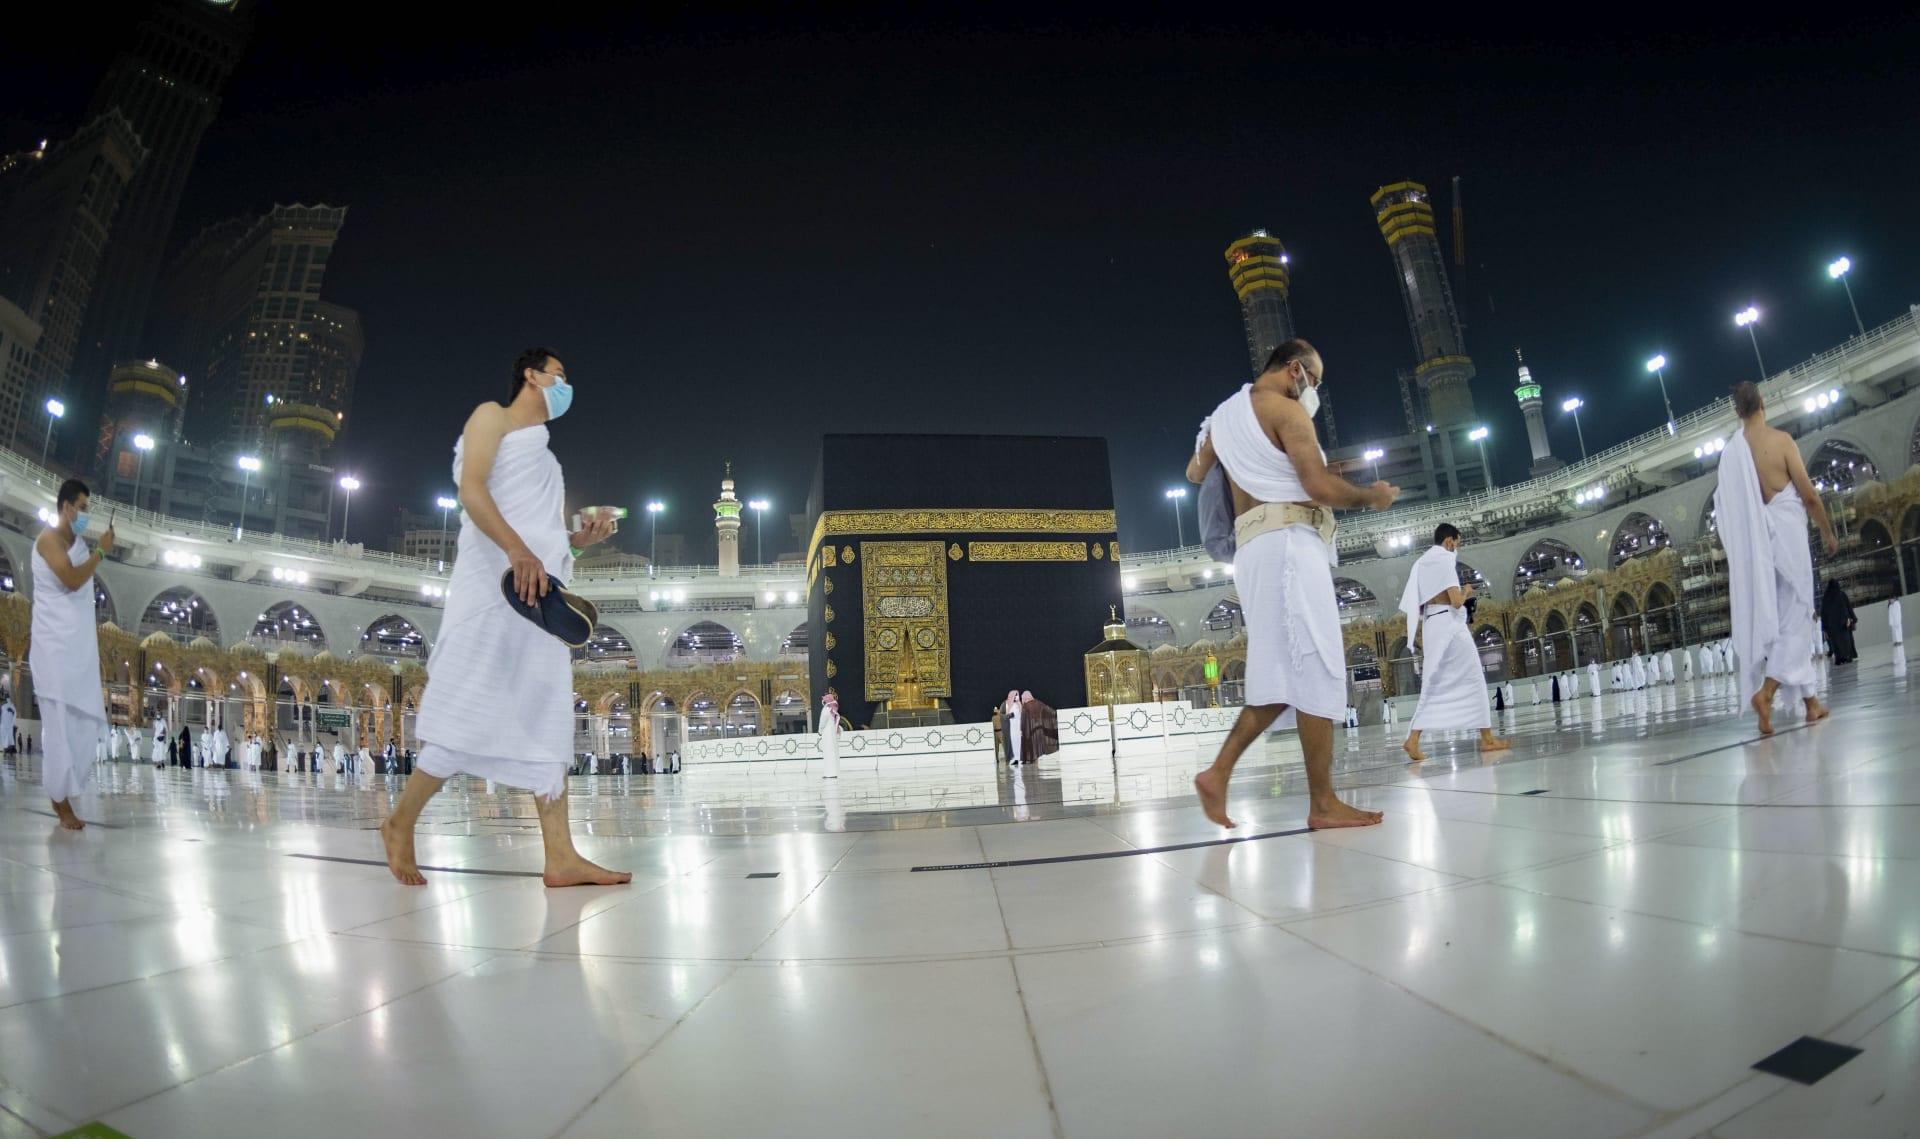 """قناة سعودية: تسجيل براءة اختراع في أمريكا لتقنية يمكنها """"إنارة الحرم"""" بالمشي"""